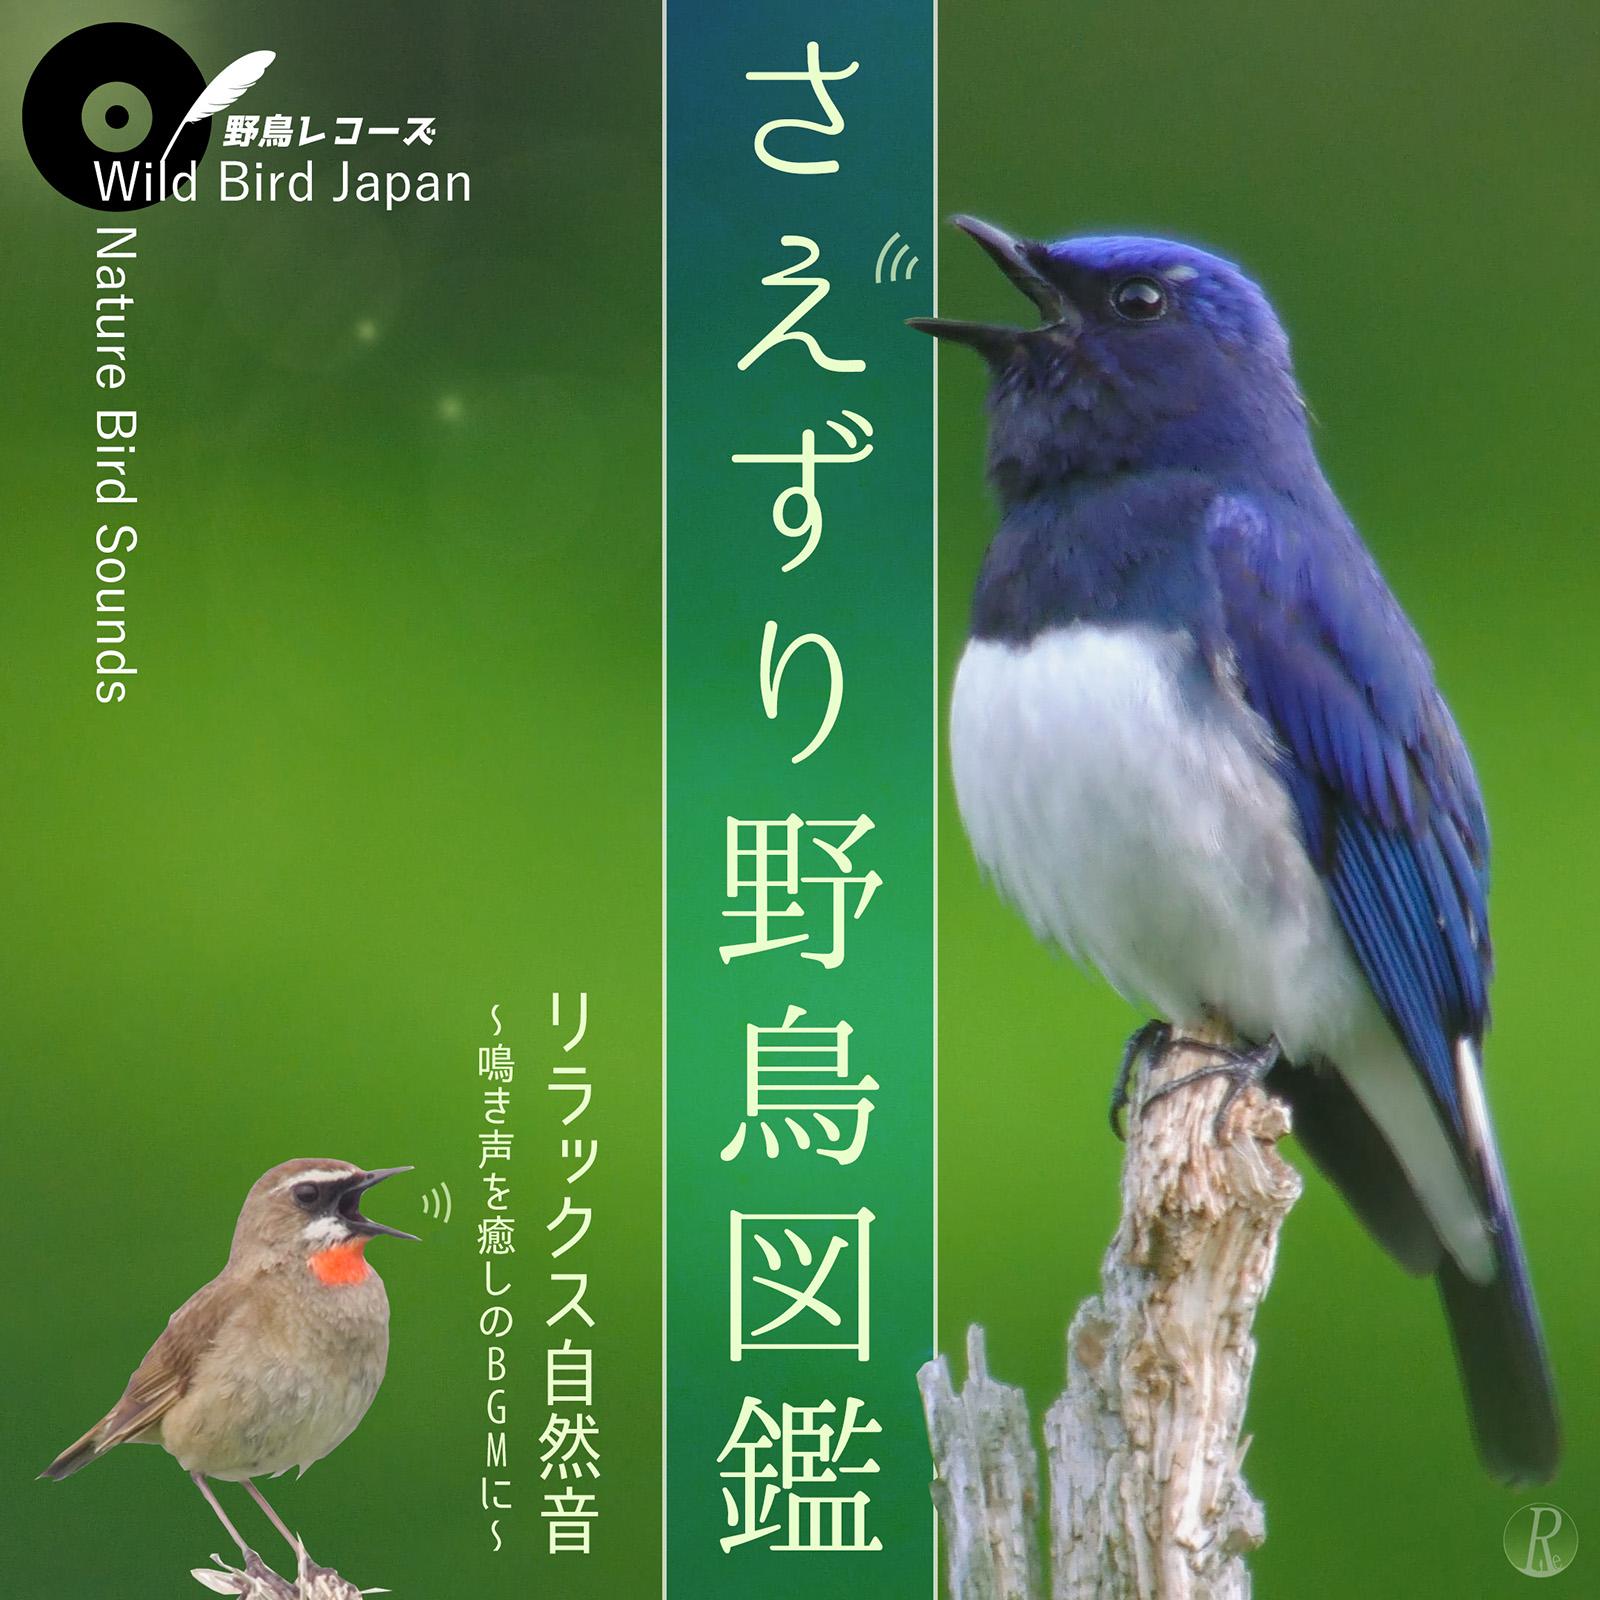 Wild Bird Japan - さえずり野鳥図鑑 リラックス自然音 ~鳴き声を癒しのBGMに~(野鳥レコーズ)